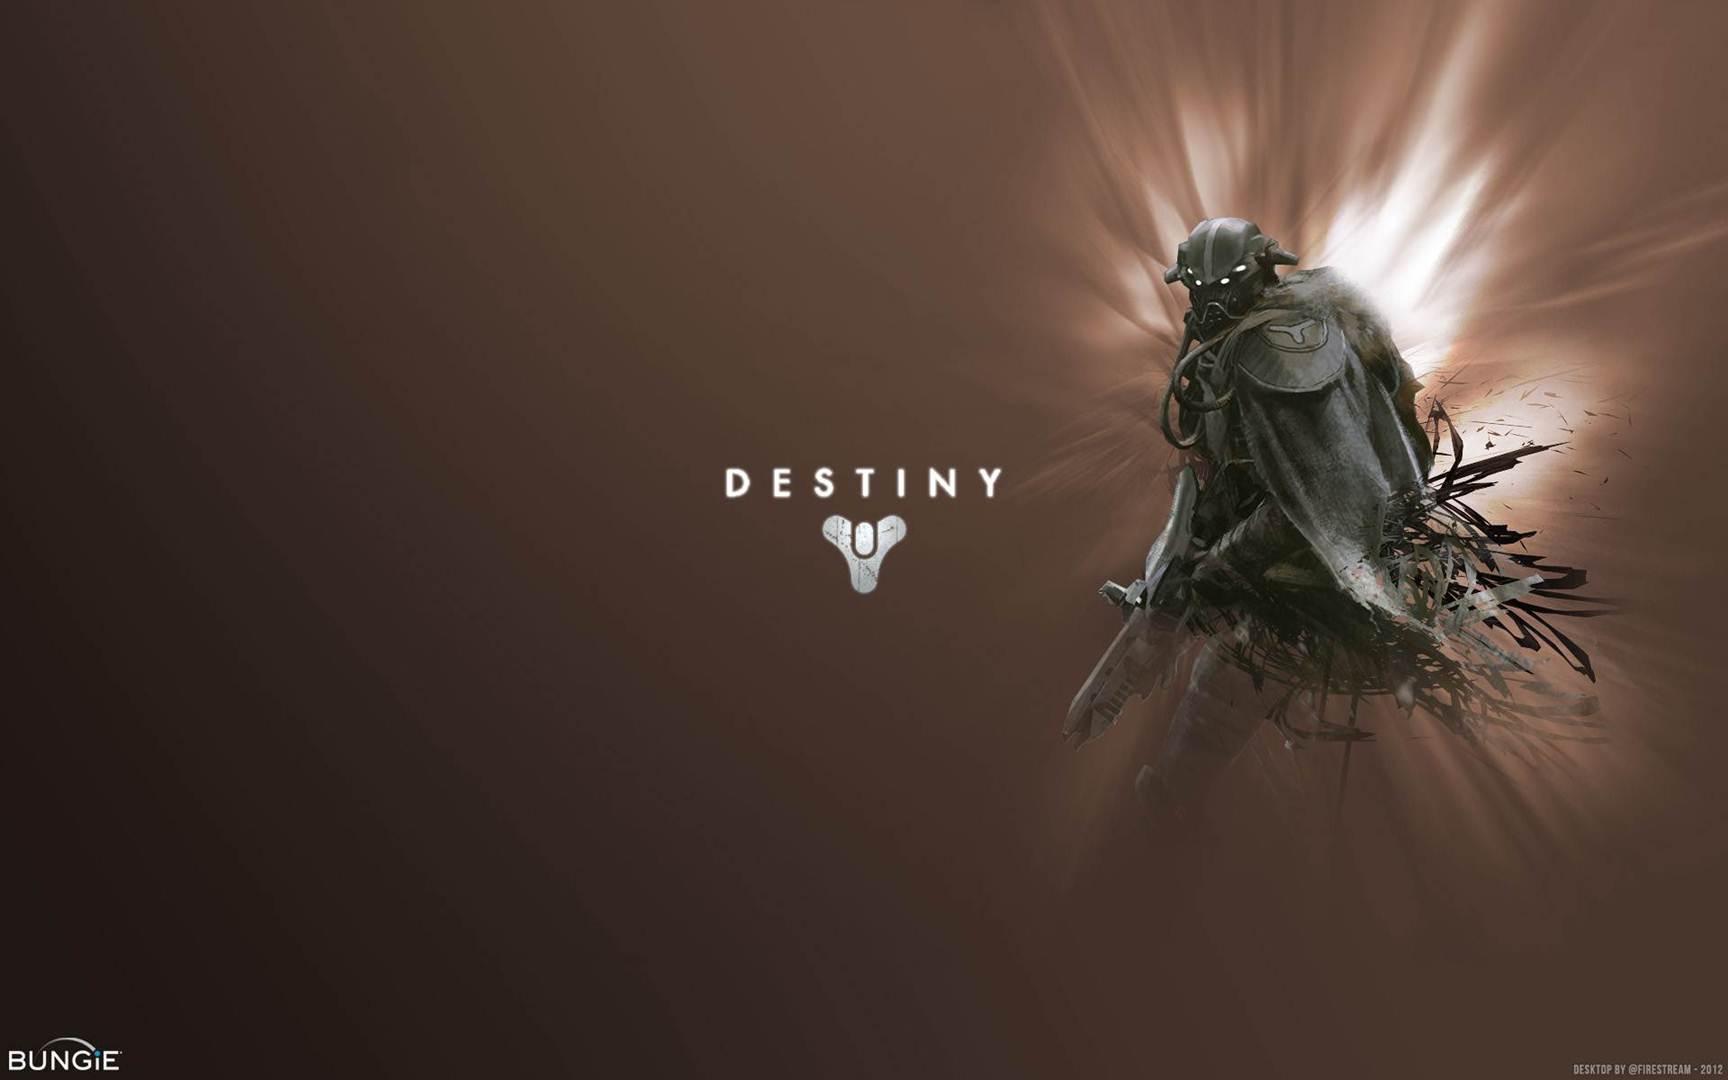 Destiny 2 Wallpaper 1080p: Destiny Game Wallpaper